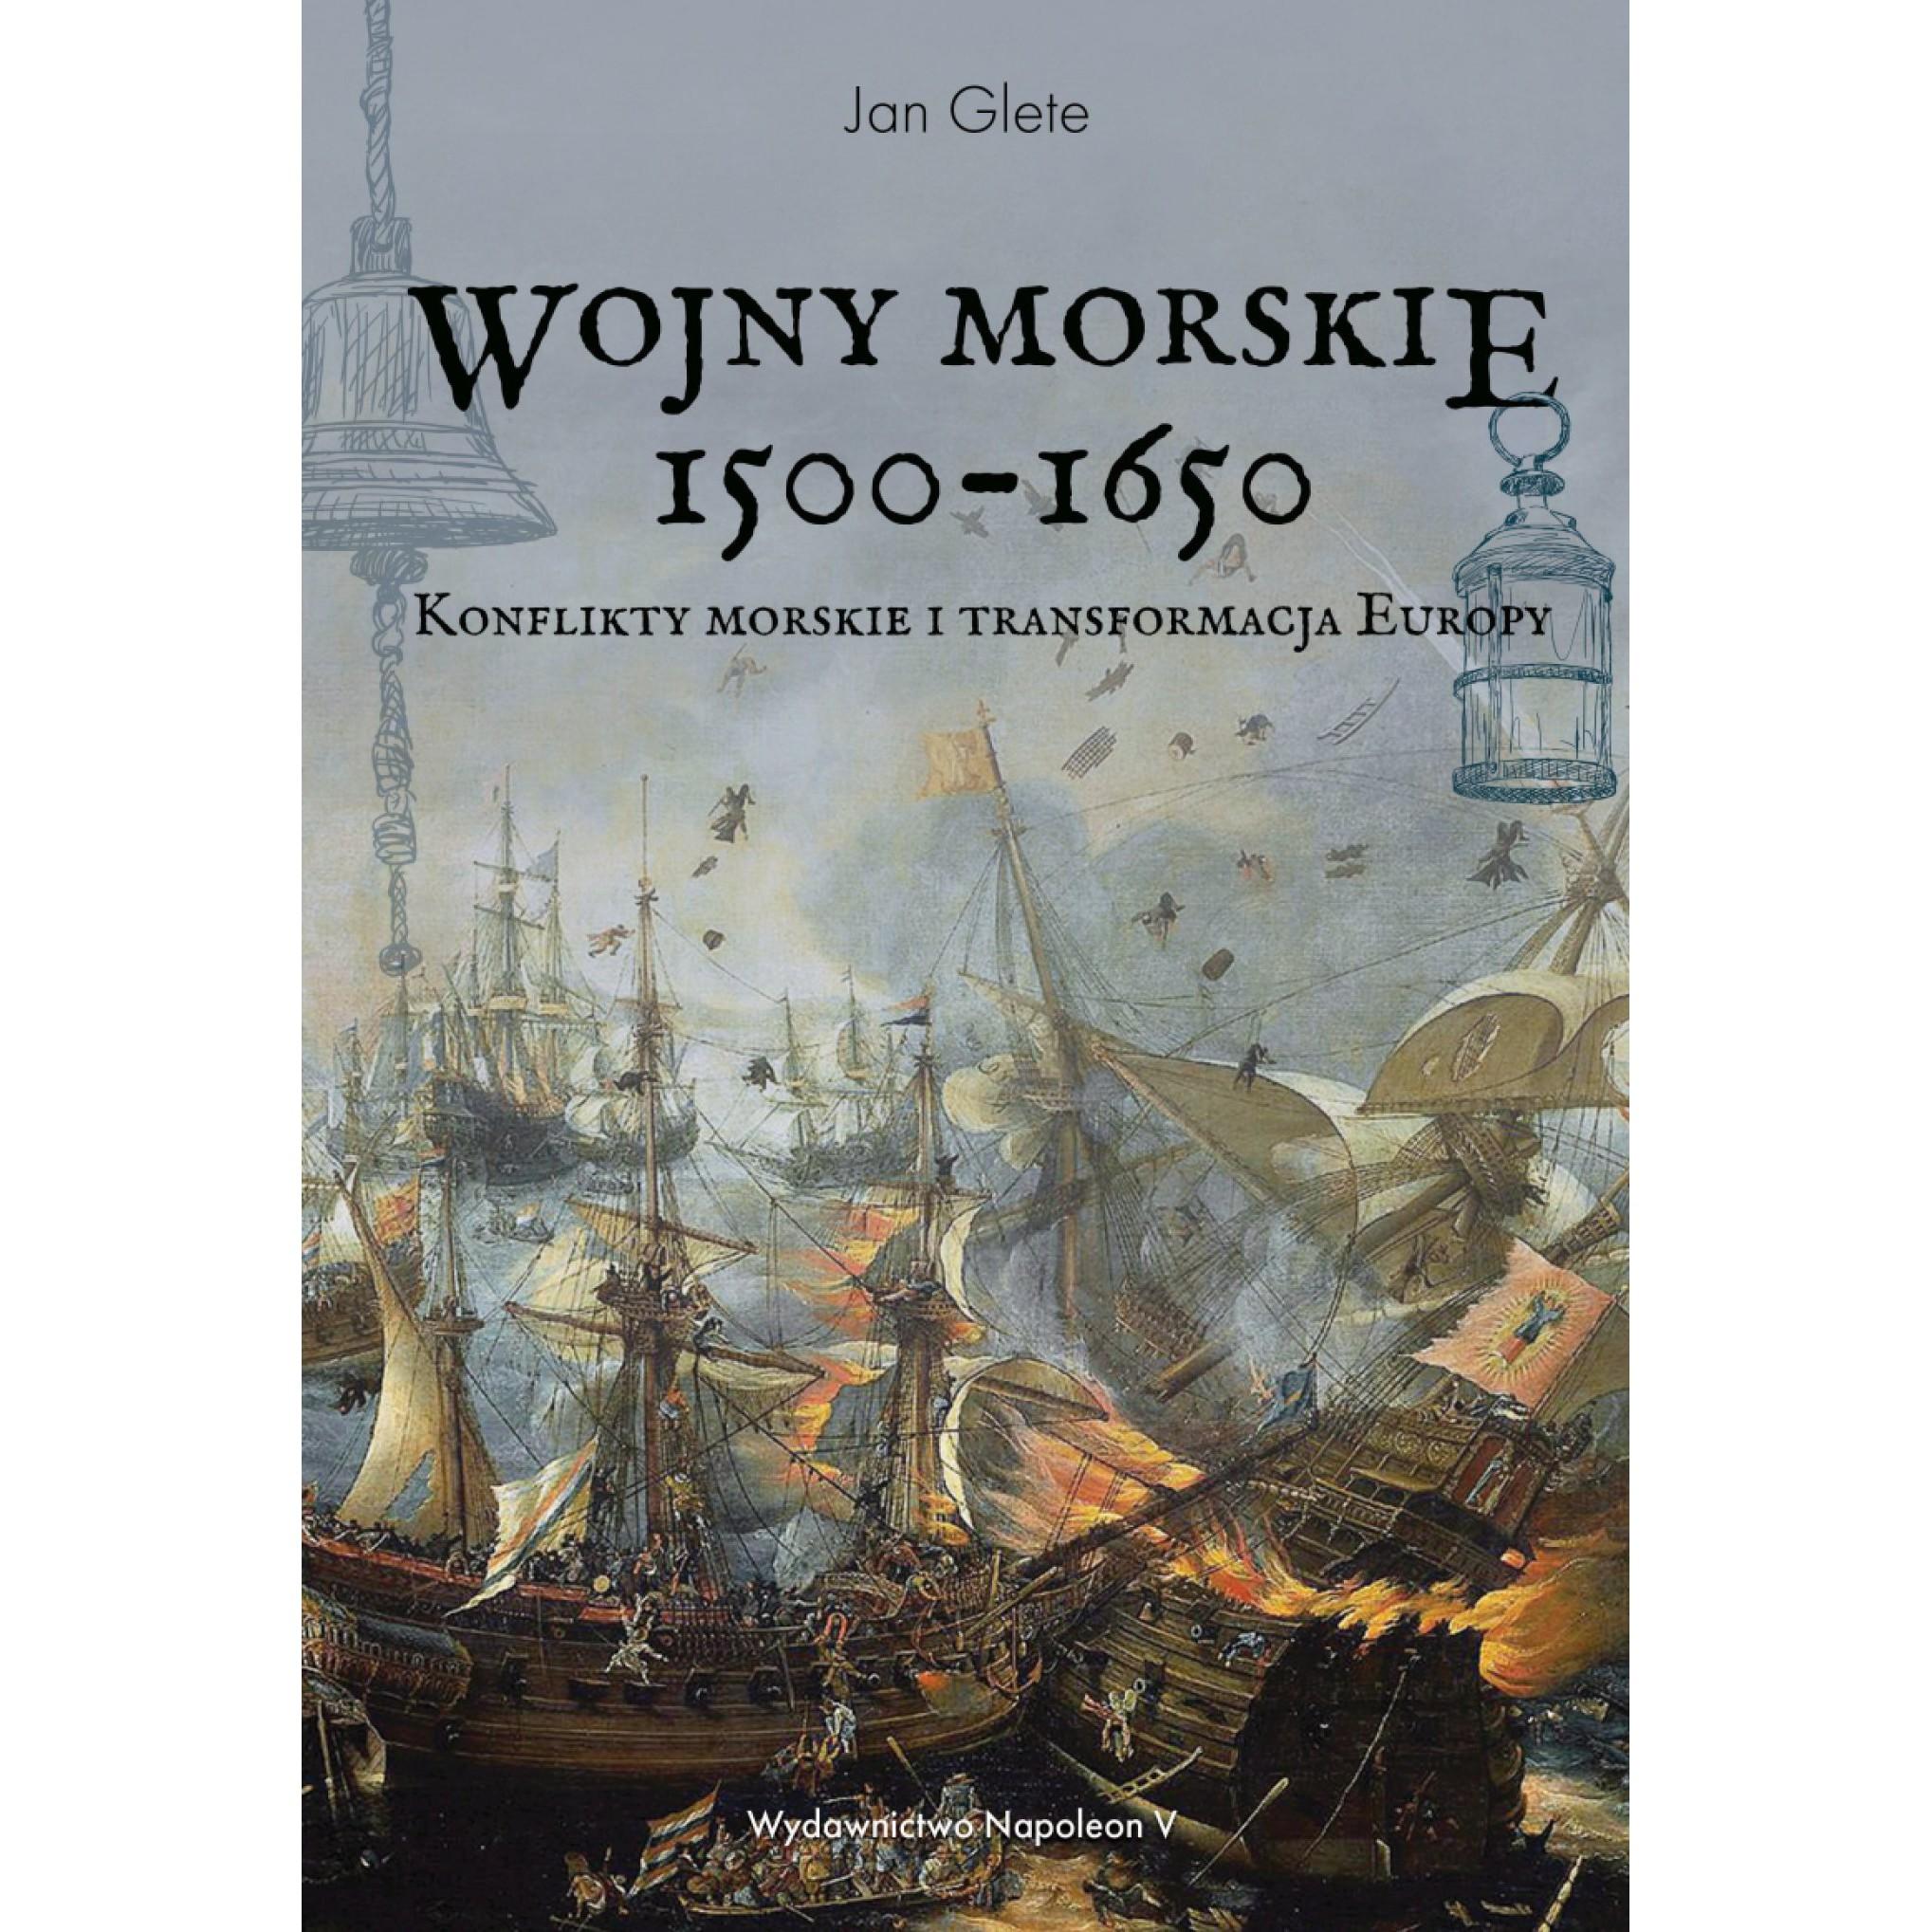 Wojny morskie 1500-1650. Konflikty morskie i transformacja Europy